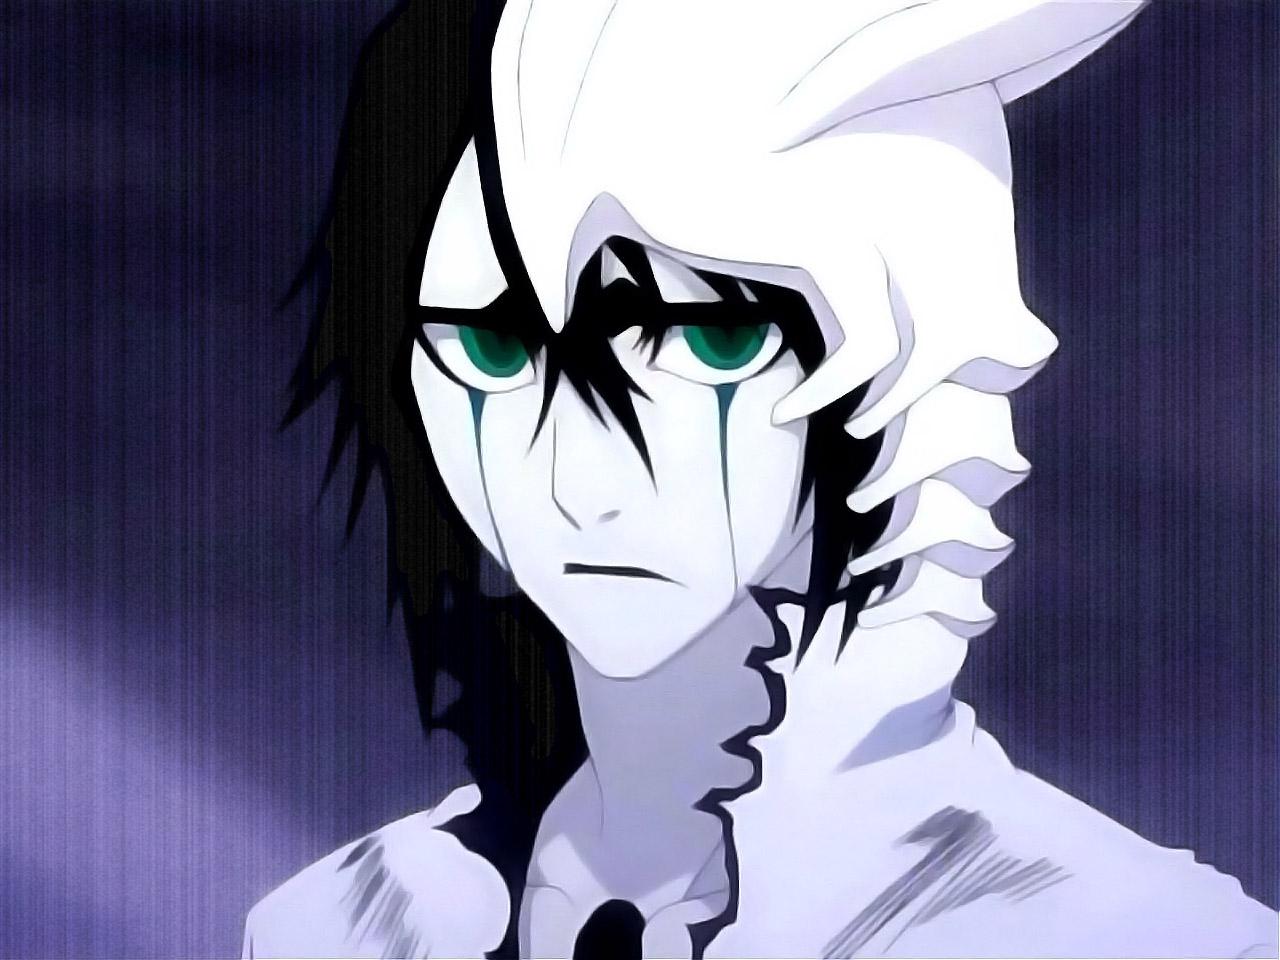 Ulquiorra Cifer Bleach Espada Anime Wallpaper